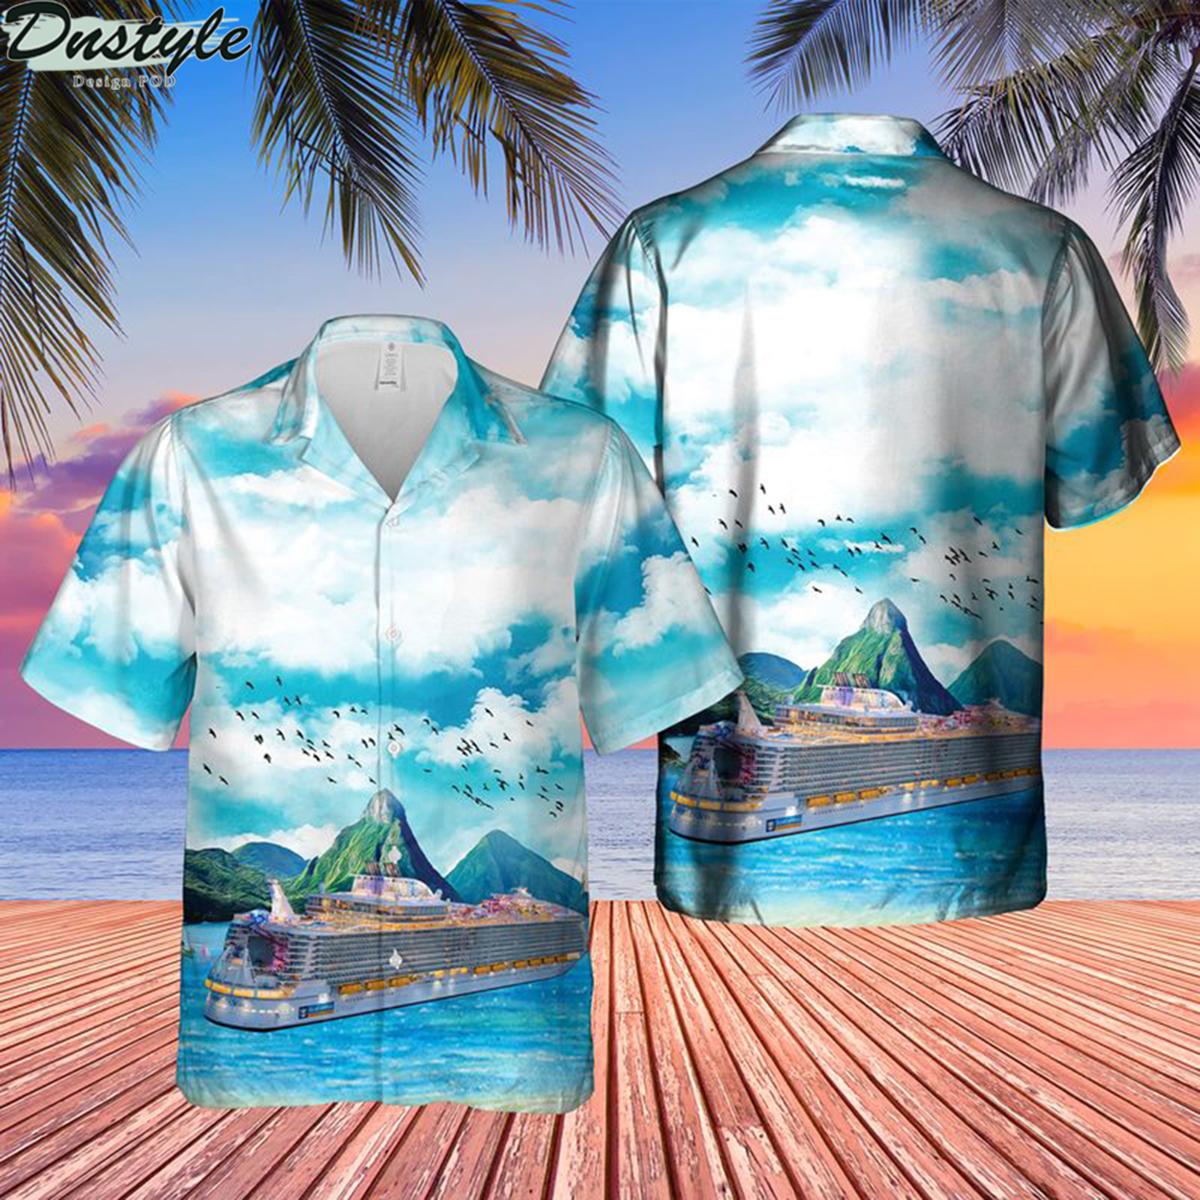 Royal caribbean international symphony of the seas hawaiian shirt 1